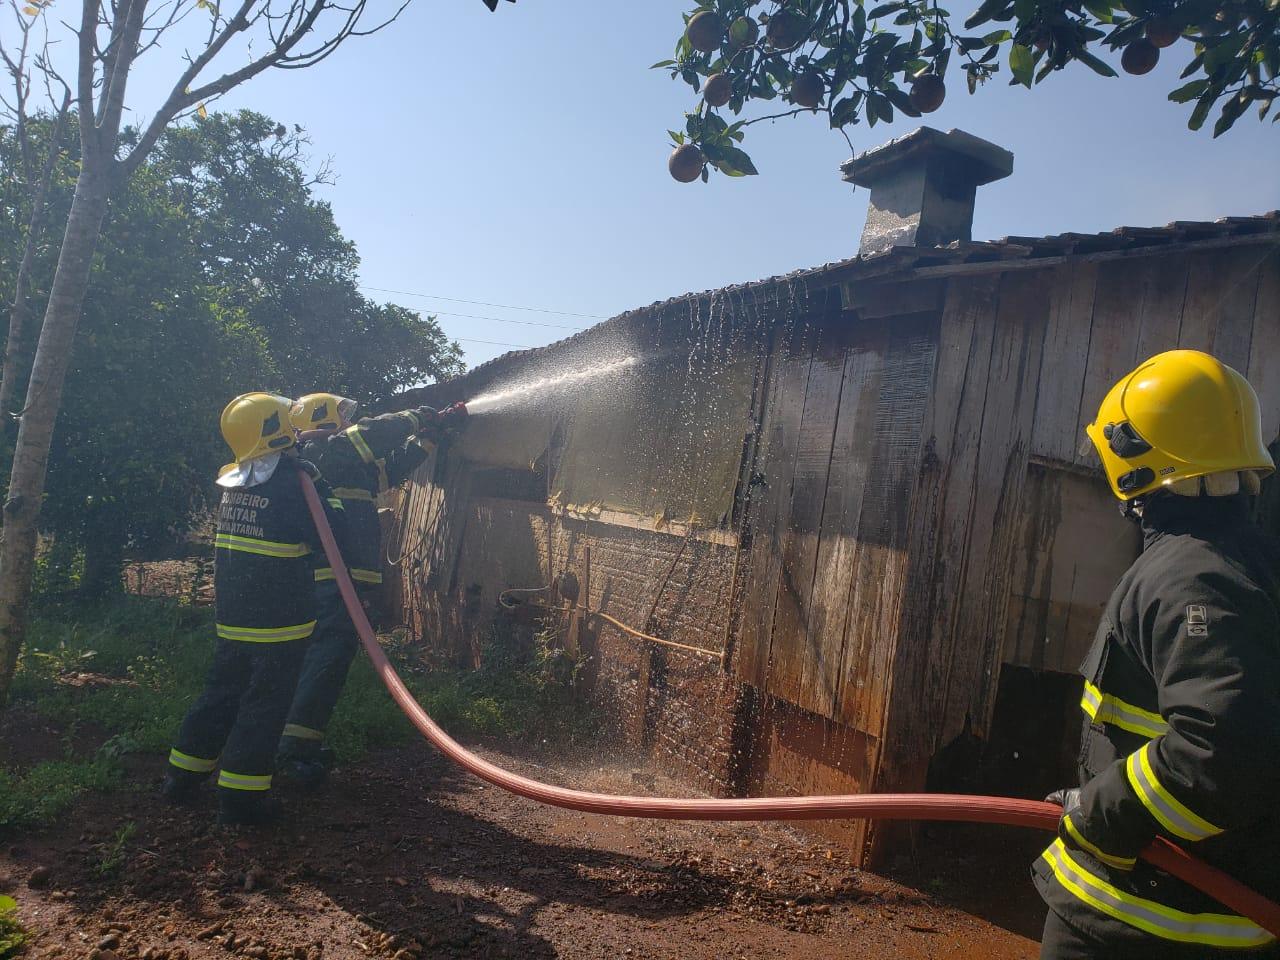 Incêndio danifica galpão no interior de Iporã do Oeste